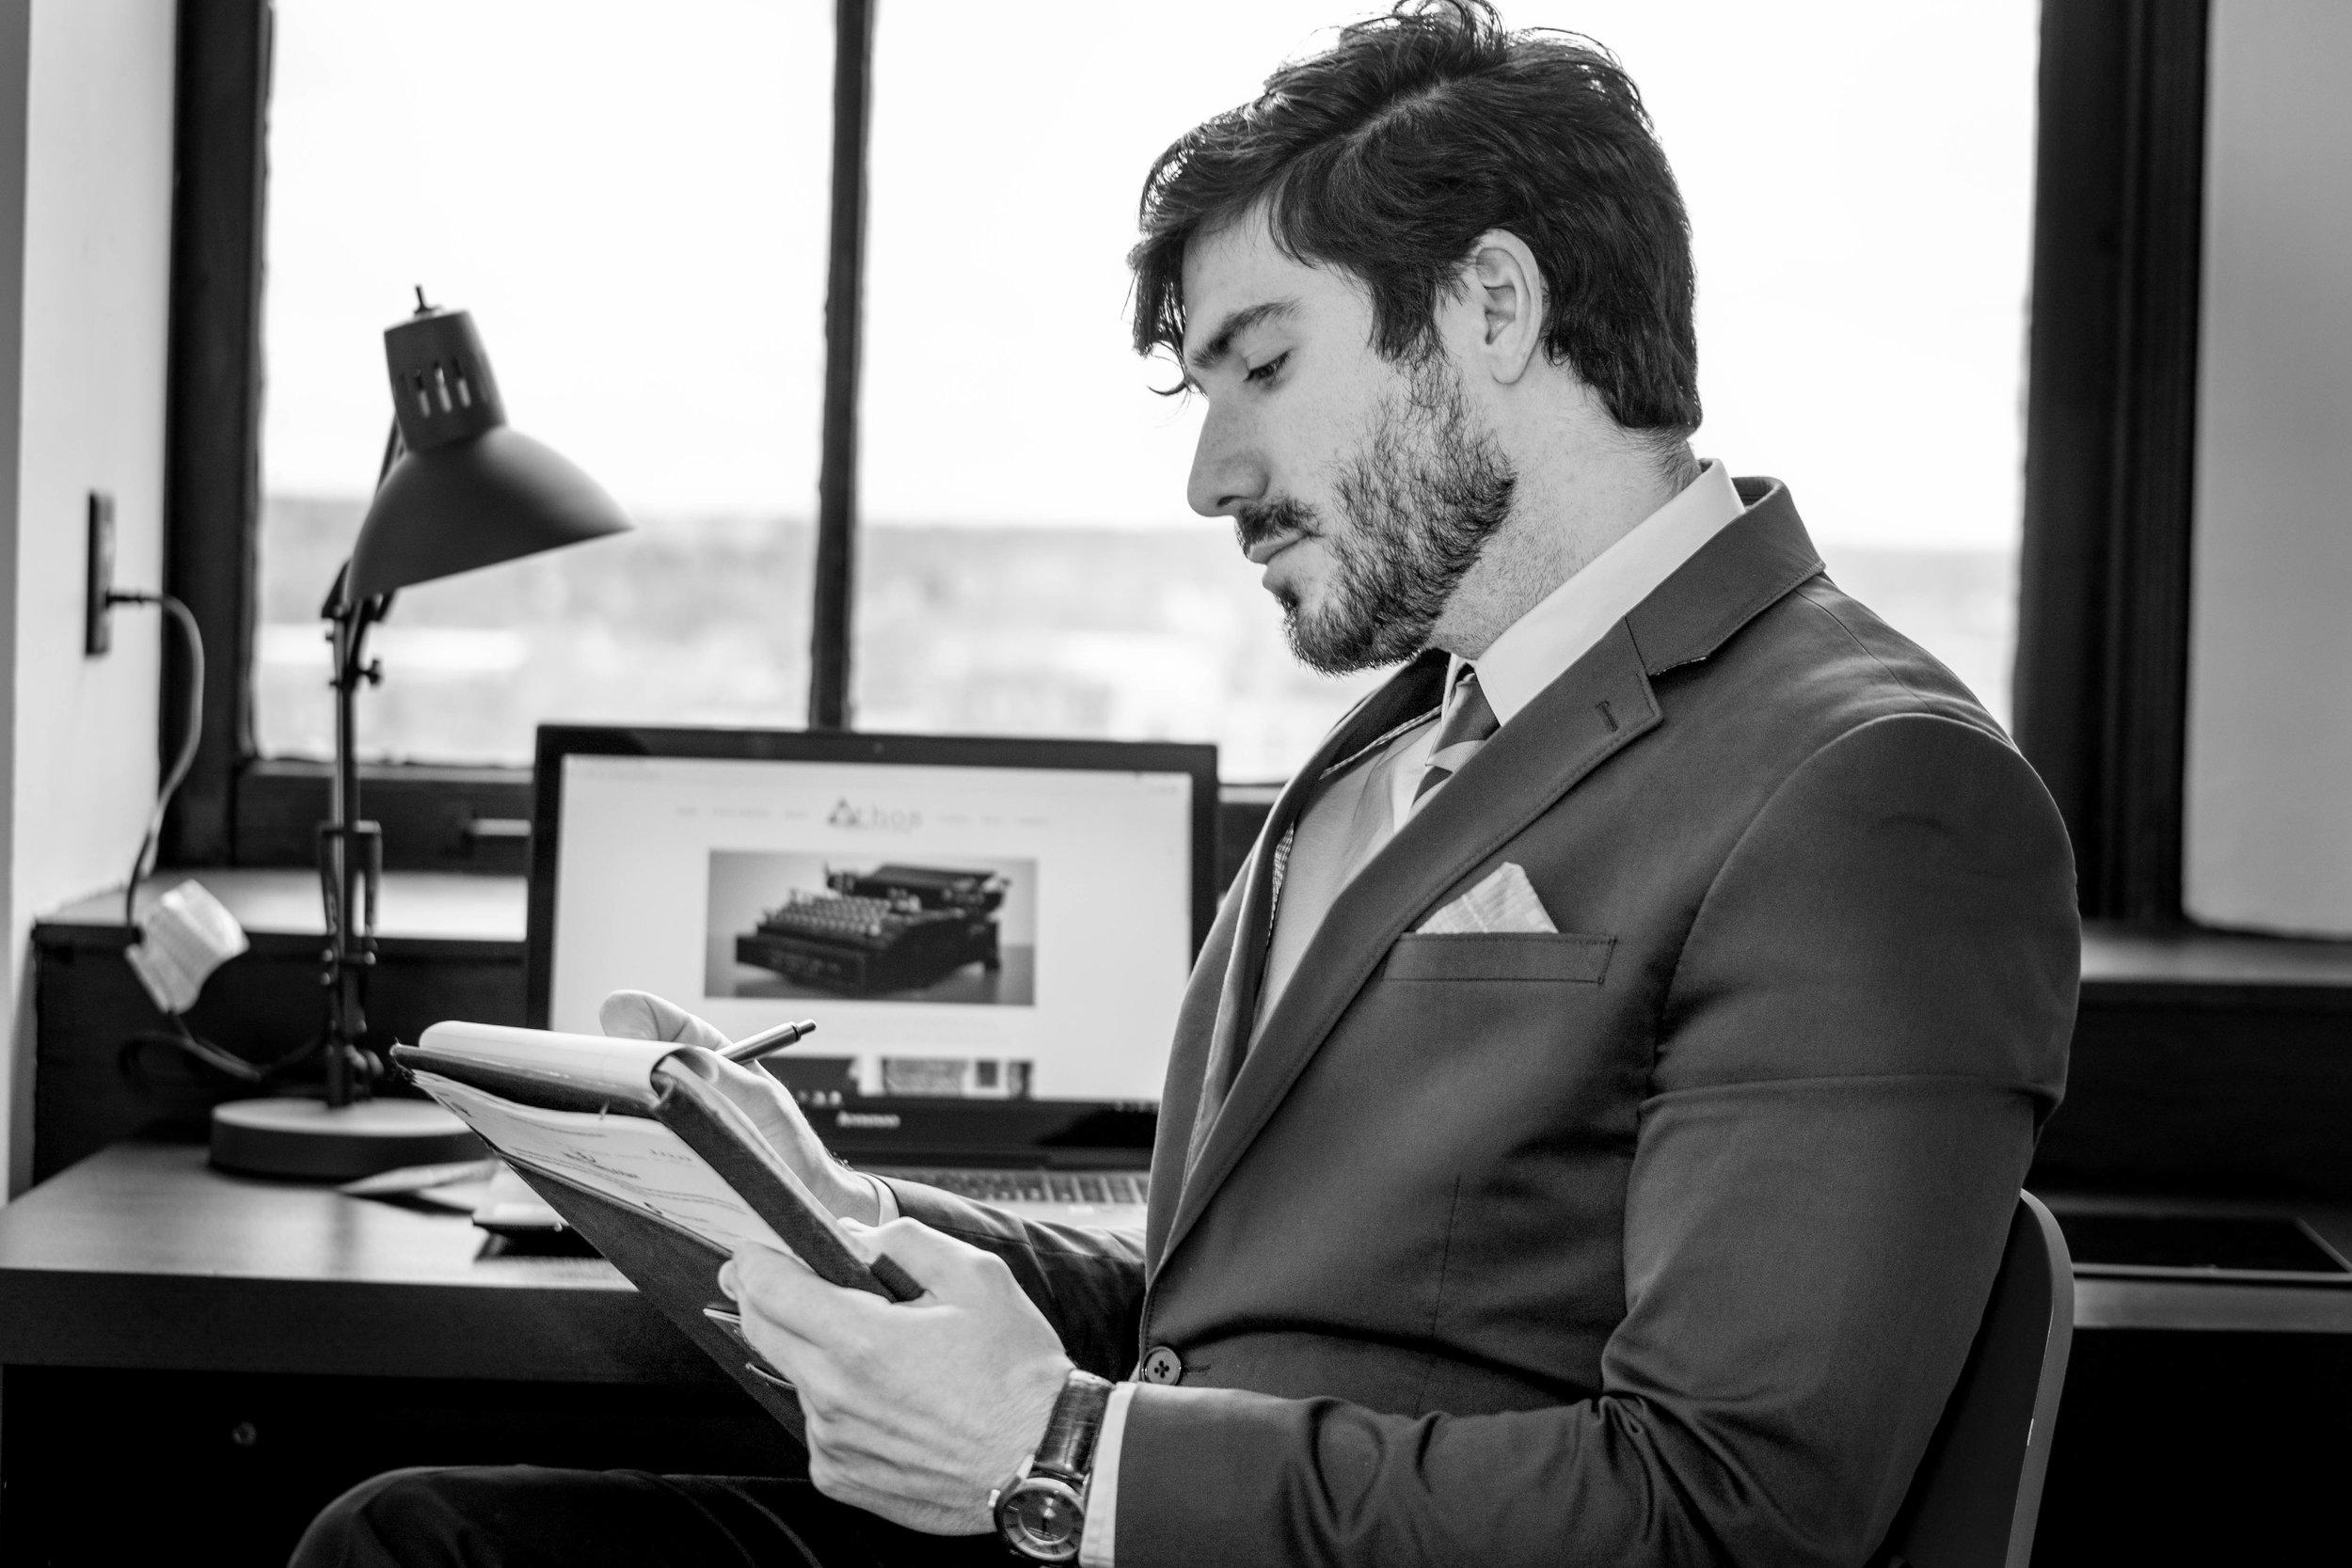 Matt Flowers | Ethos Copywriting | Owner, Copywriter, Strategist